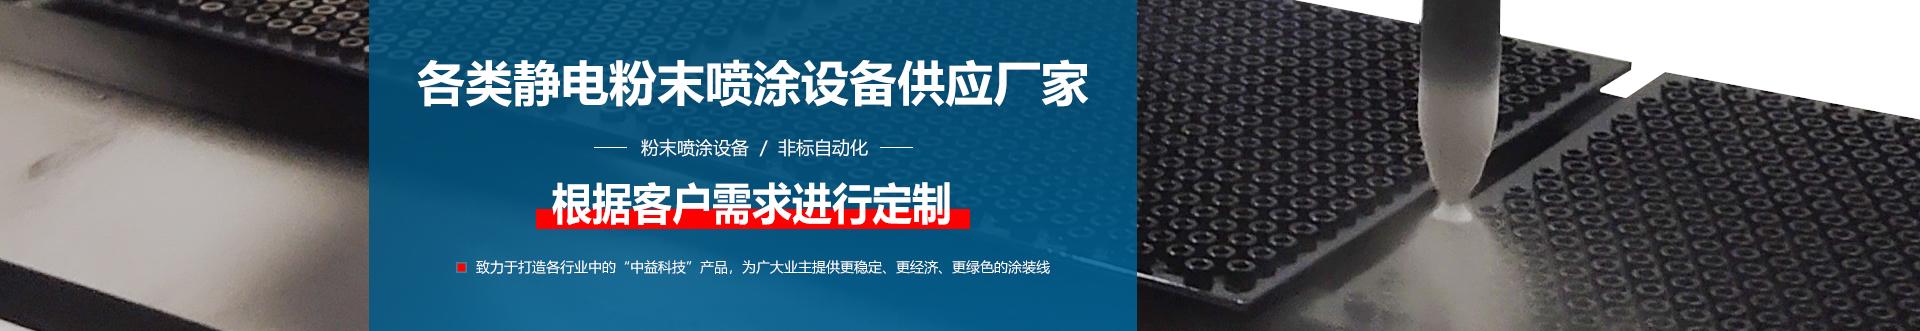 http://www.sanyoai.com/data/upload/202012/20201209101756_324.jpg